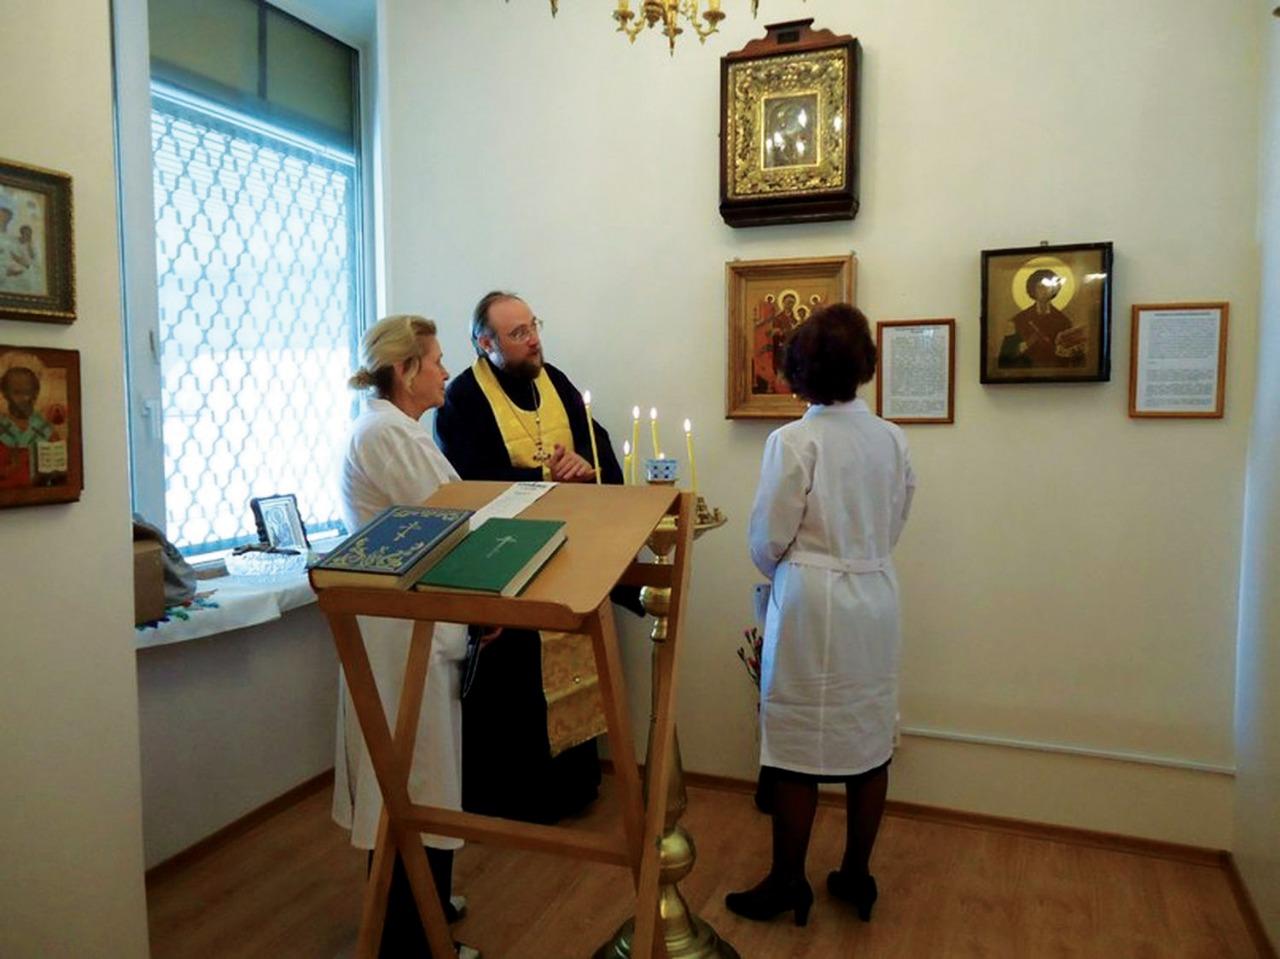 Онкодиспансер на улице Лени Голикова священники посещают по череде